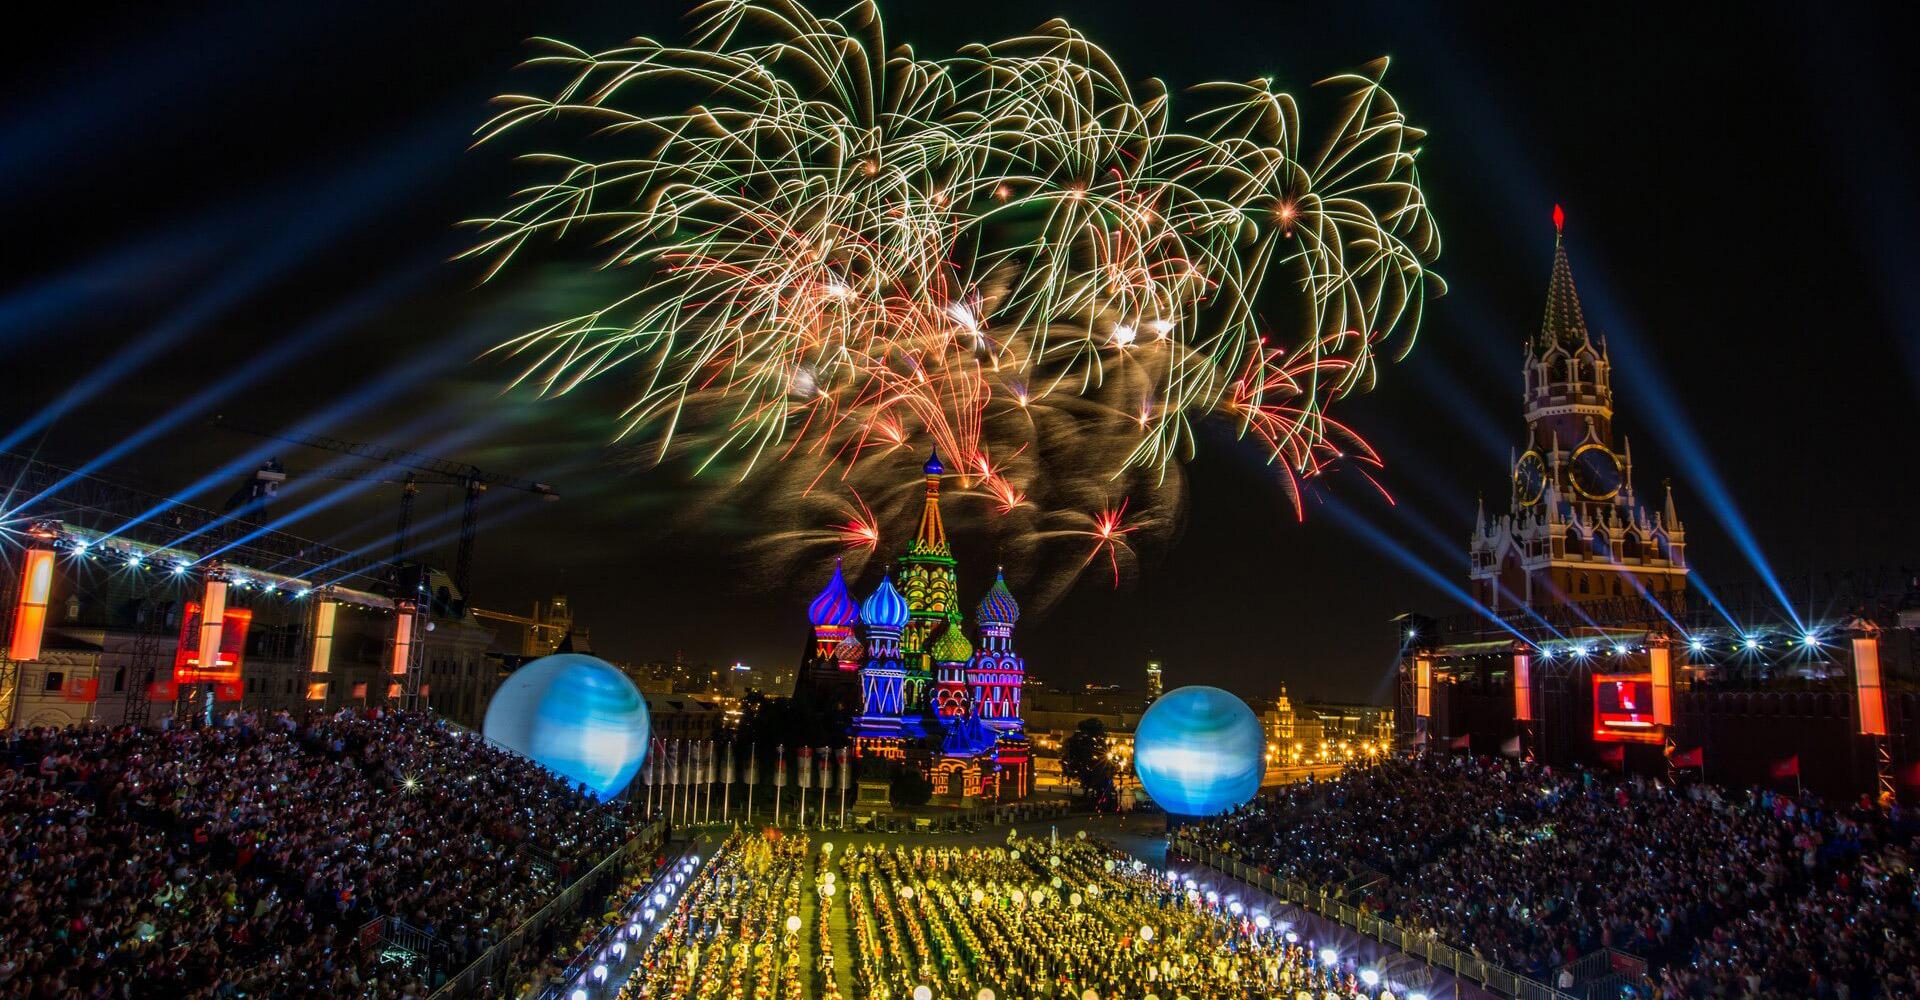 Фестиваль «Спасская башня» 2020 на Красной площади. Забронировать и купить билеты на сайте 0+